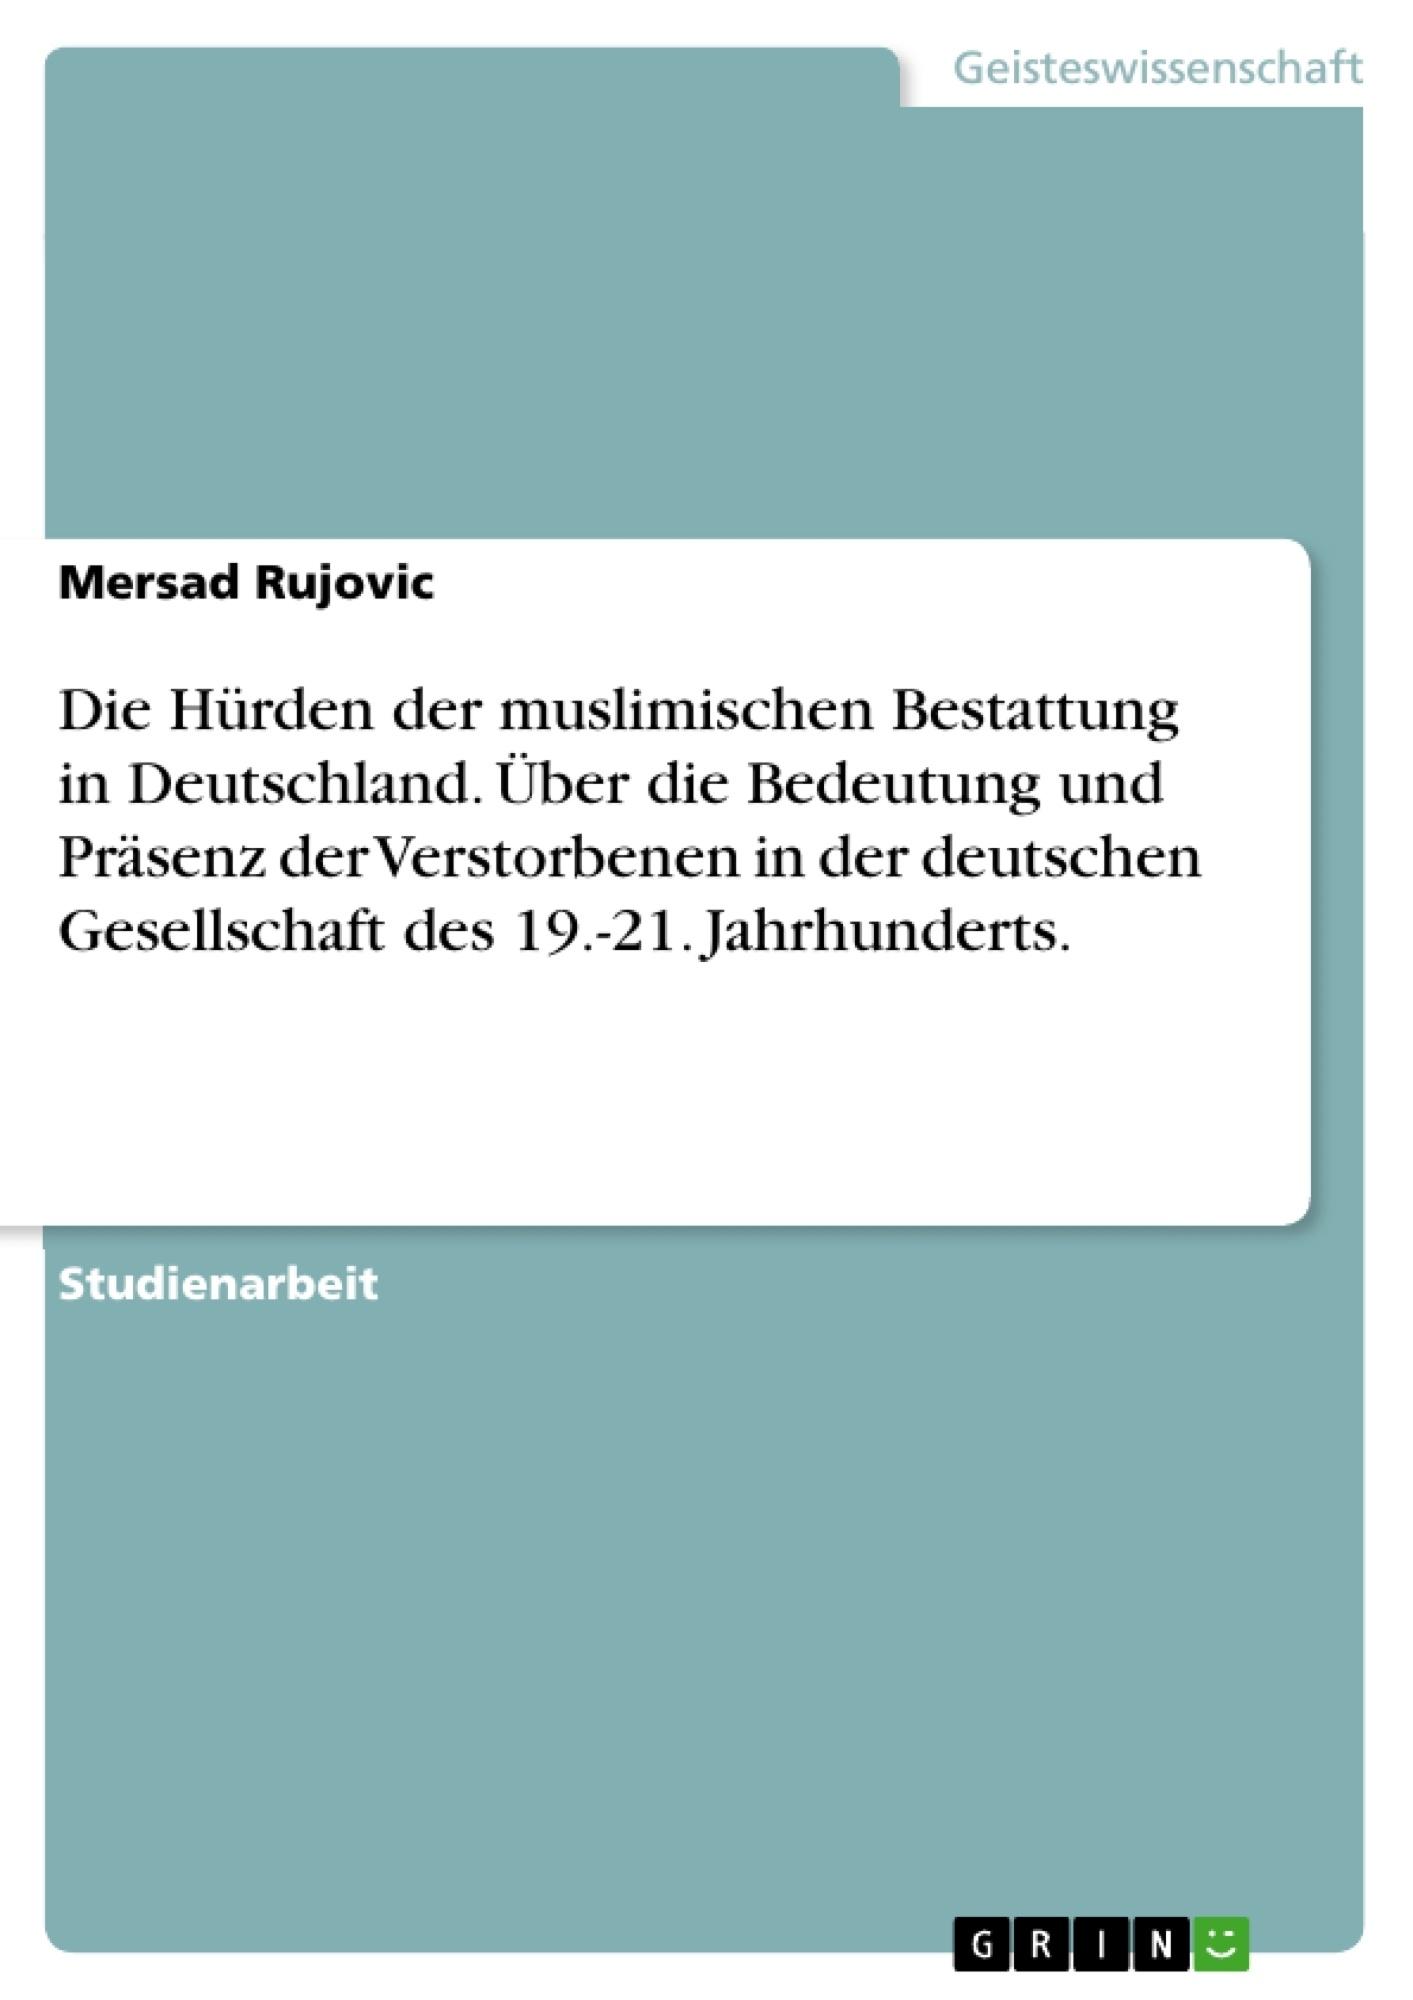 Titel: Die Hürden der muslimischen Bestattung in Deutschland. Über die Bedeutung und Präsenz der Verstorbenen in der deutschen Gesellschaft des 19.-21. Jahrhunderts.